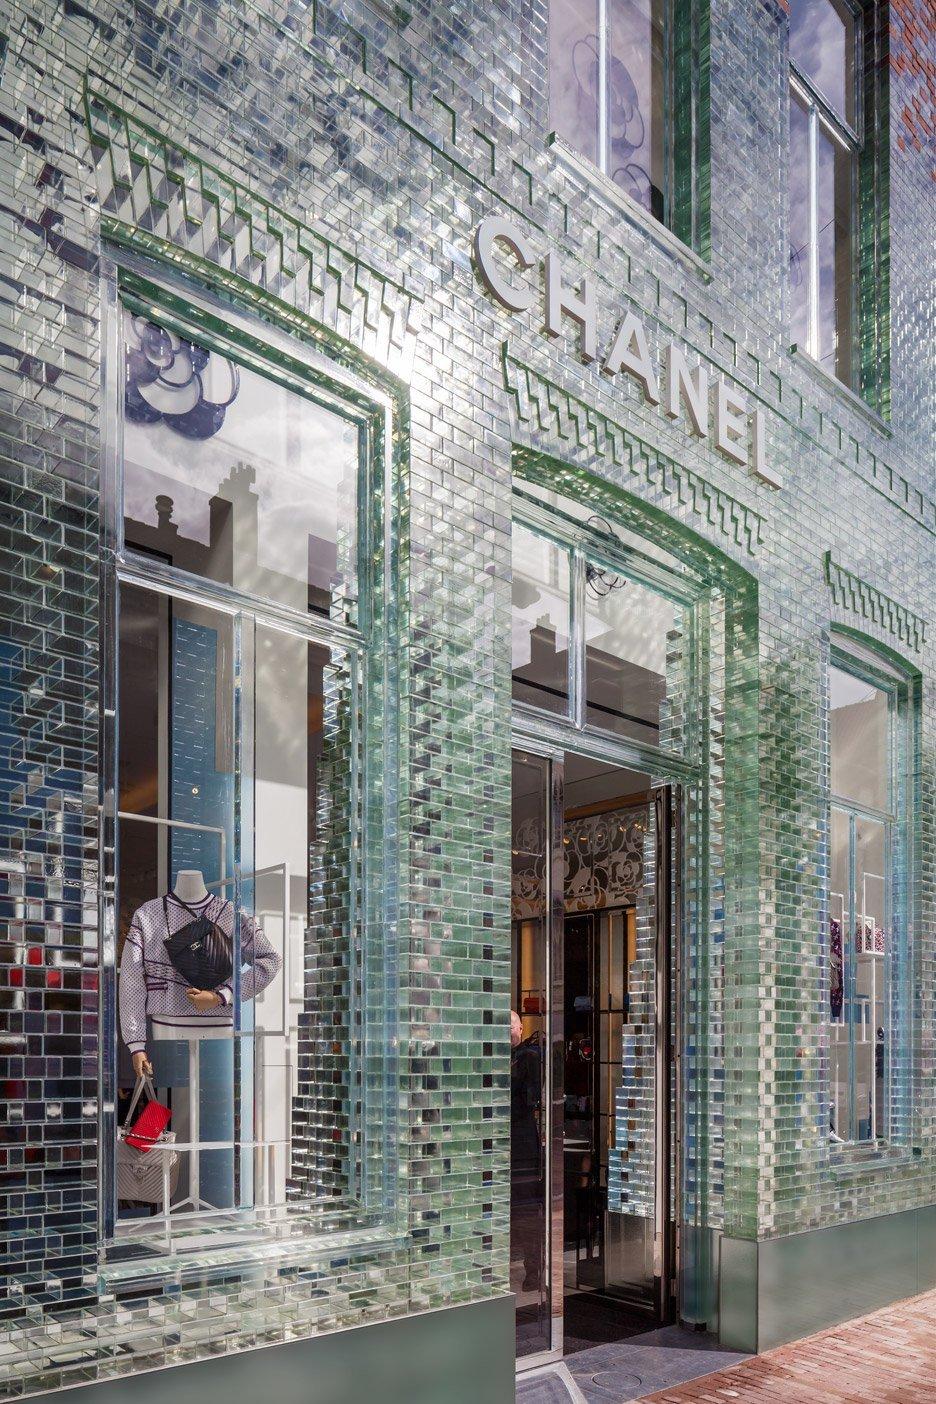 八巻多鶴子のおしゃれ通信(4):ガラスはコンクリートよりも強し!?CHANEL新店舗の大胆な改装_a0138976_14294523.jpg